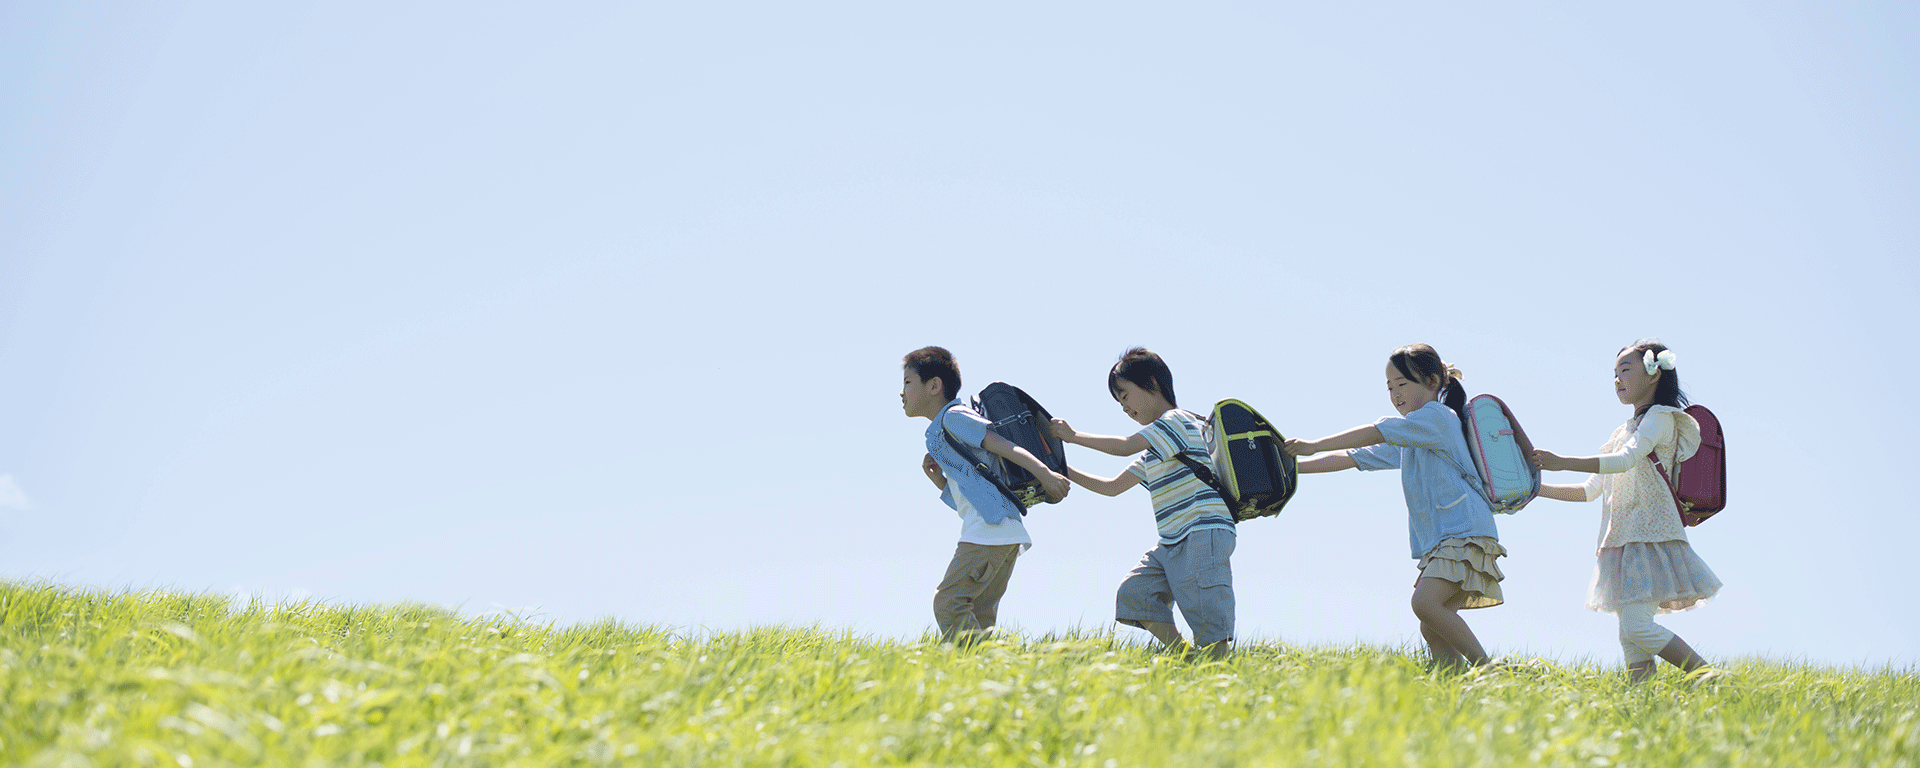 子供が歩いている写真